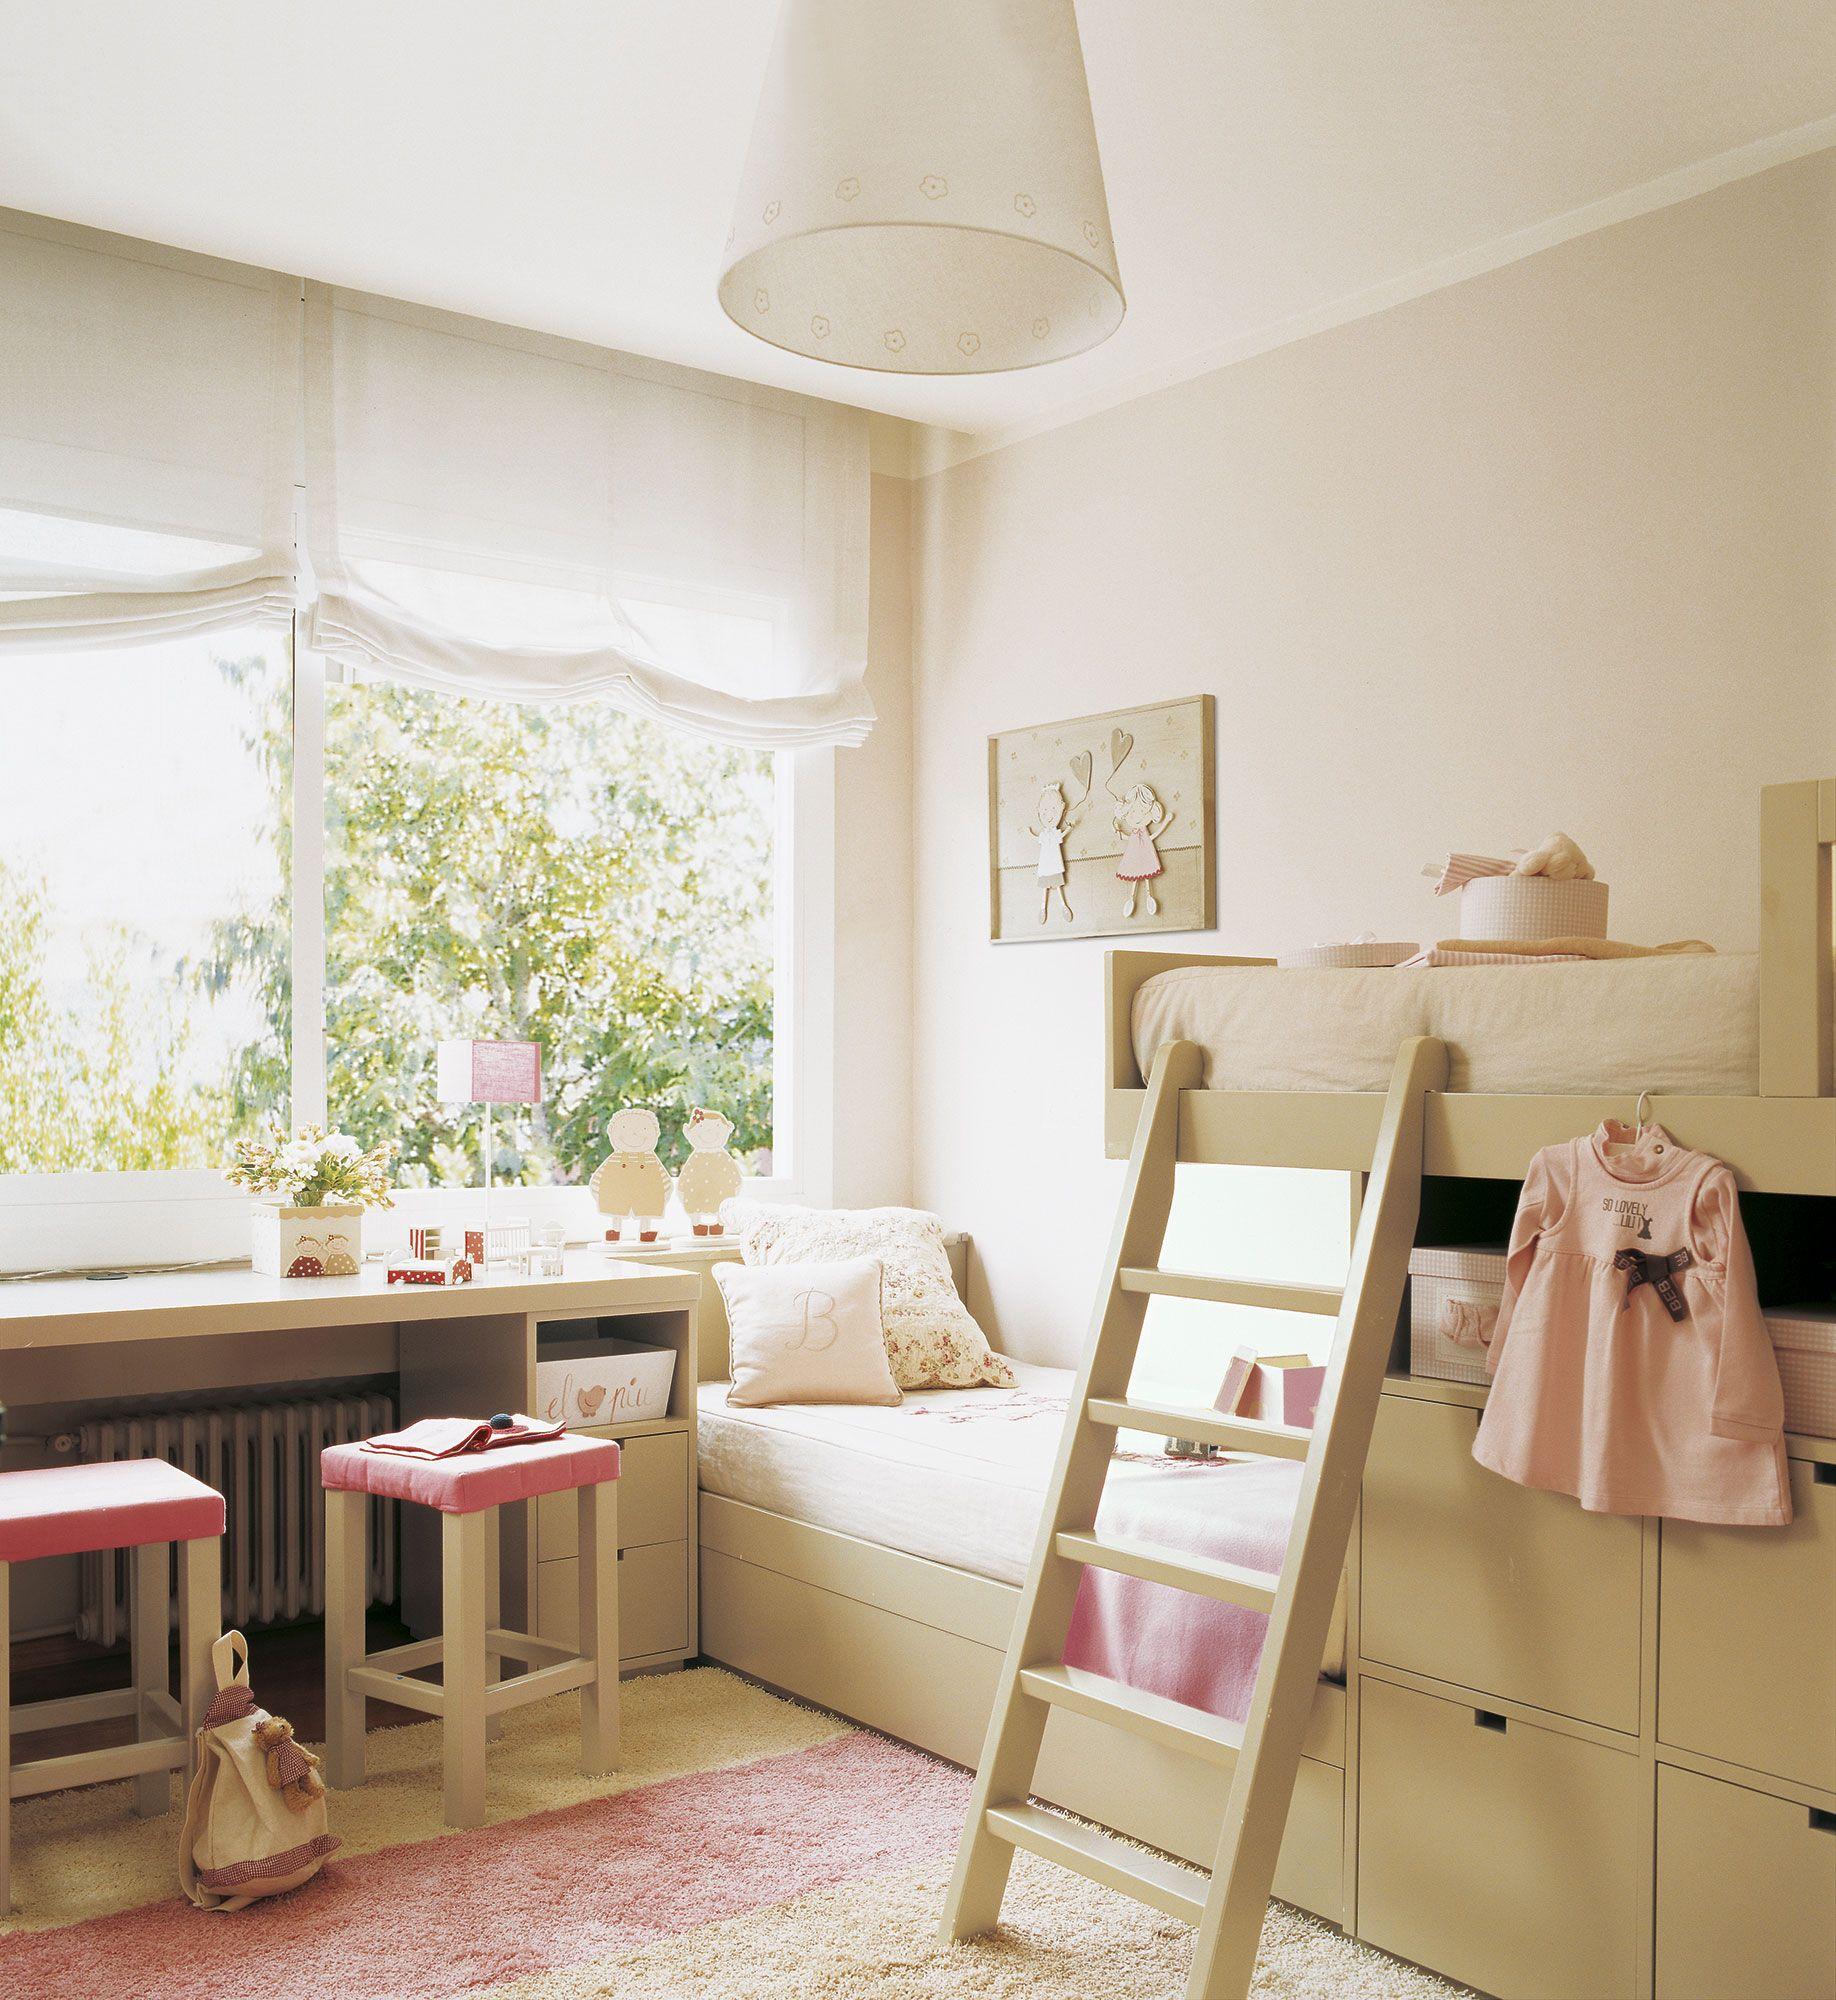 Habitaci n infantil con litera tipo tren habitaciones - Habitacion con litera ...